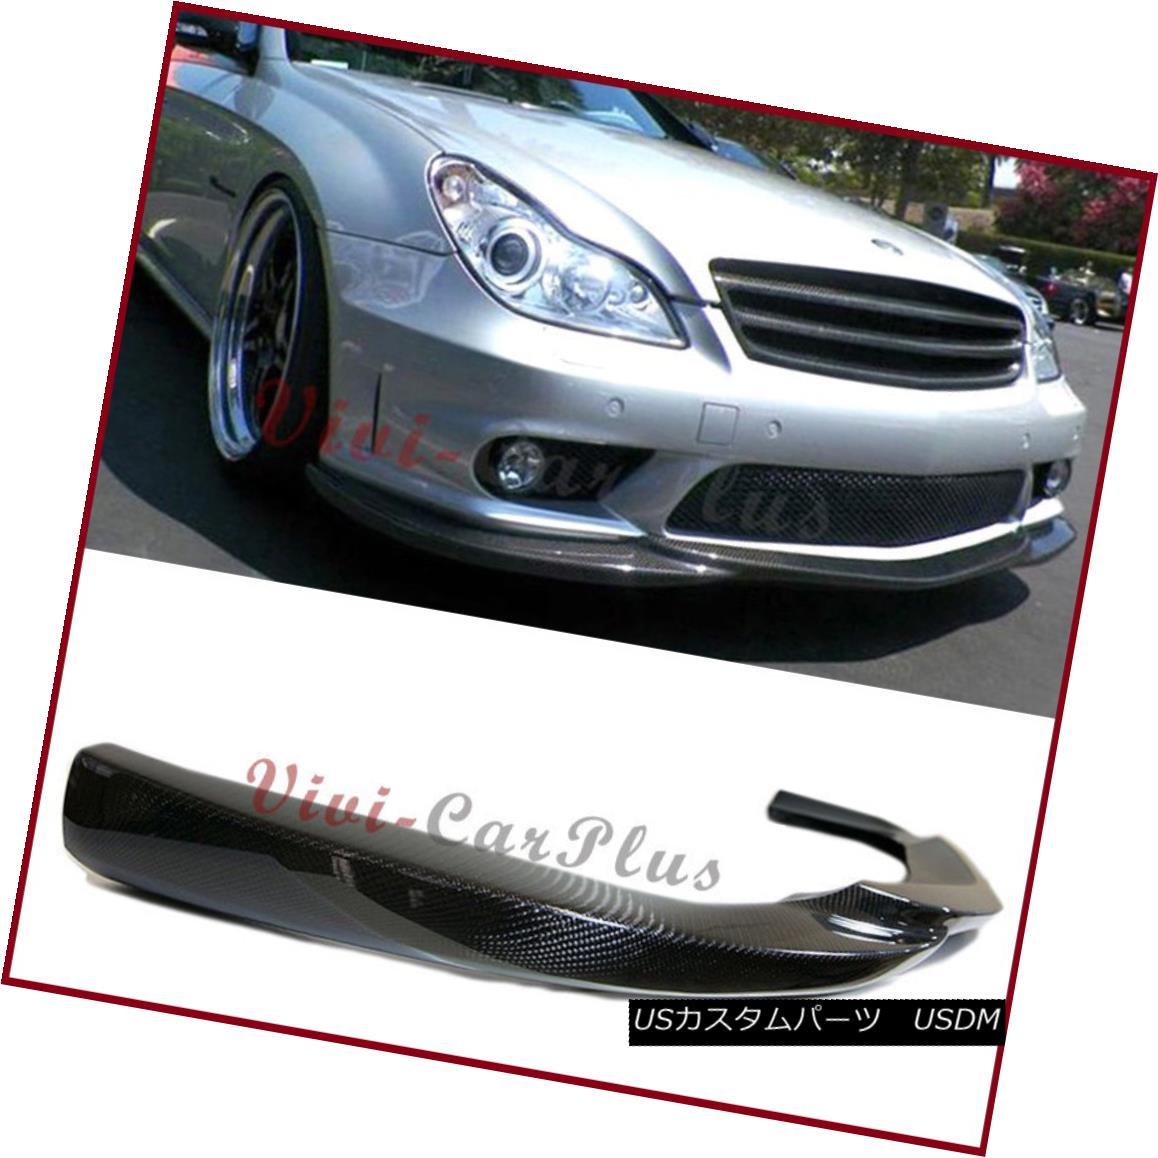 【超歓迎された】 エアロパーツ CLS63 Carbon Fiber GodHand Front Spoiler GodHand Lip BENZ 06-10 Fiber W219 CLS55 CLS63 OE AMG Bumper 炭素繊維GodHandフロントスポイラーリップベンツ06-10 W219 CLS55 CLS63 OE AMGバンパー, GLOCALWORKS81:f0e92f99 --- irecyclecampaign.org